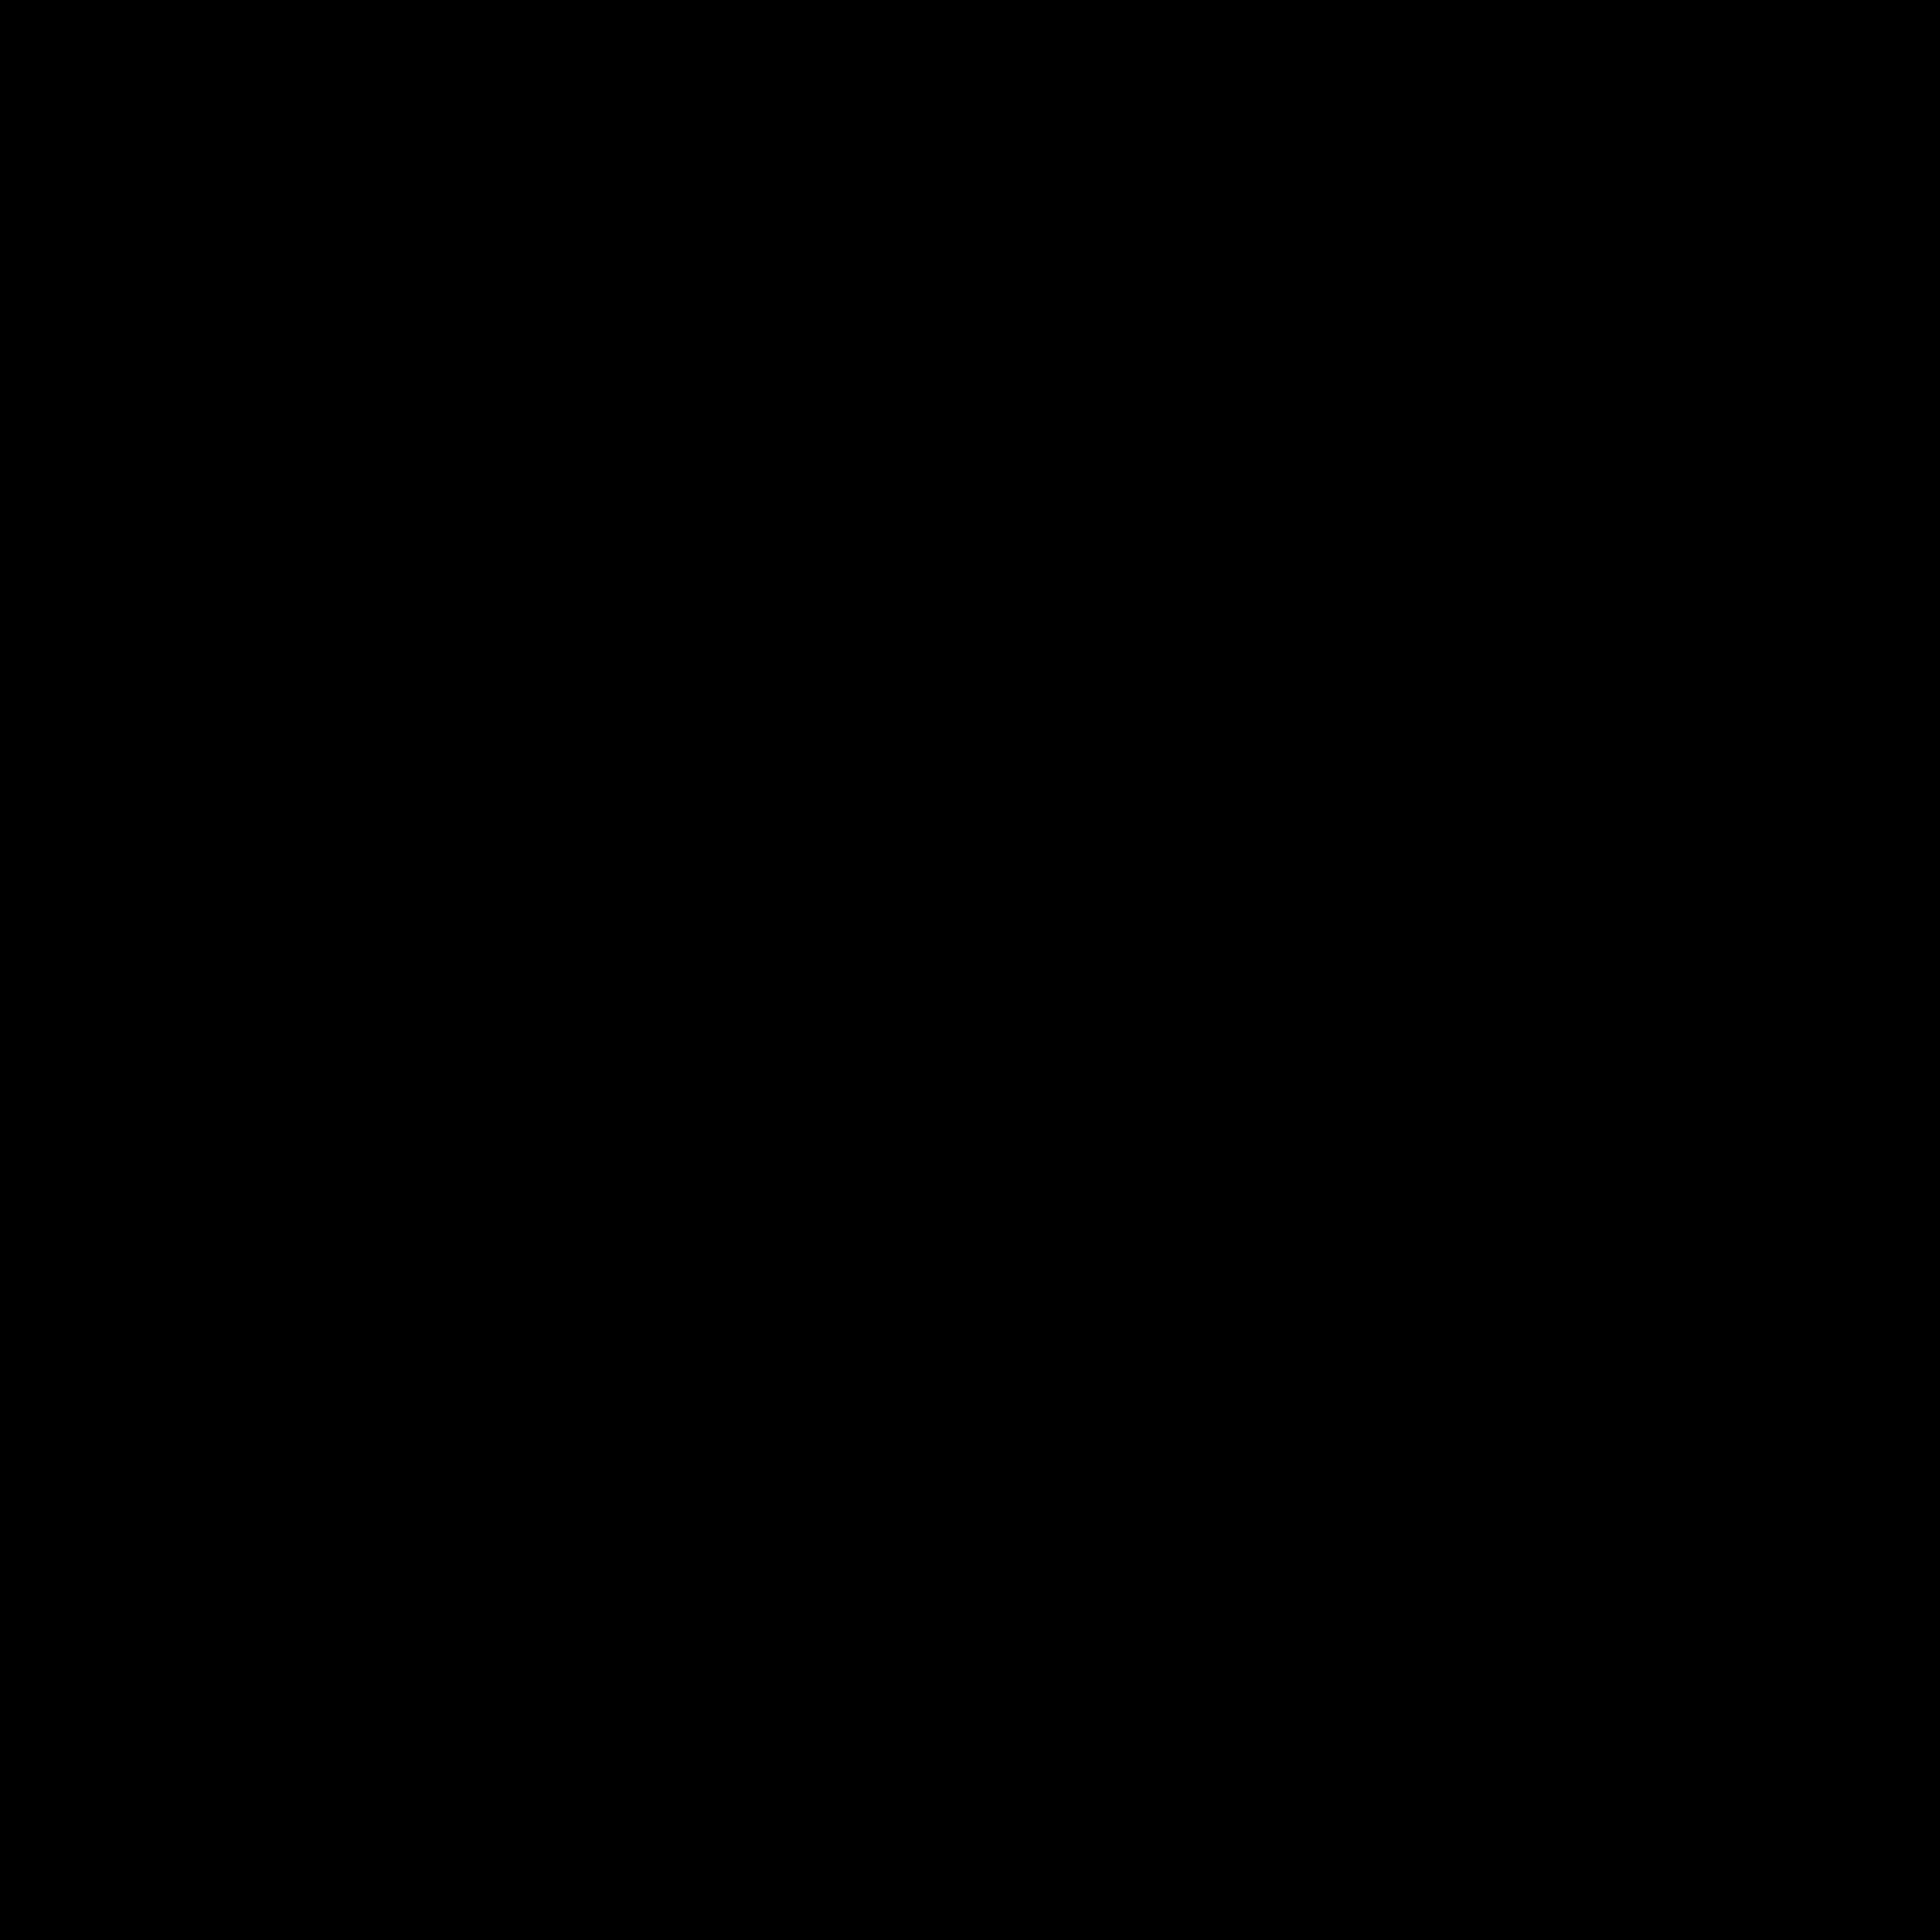 LOGO-GARCIA-1x1-transp